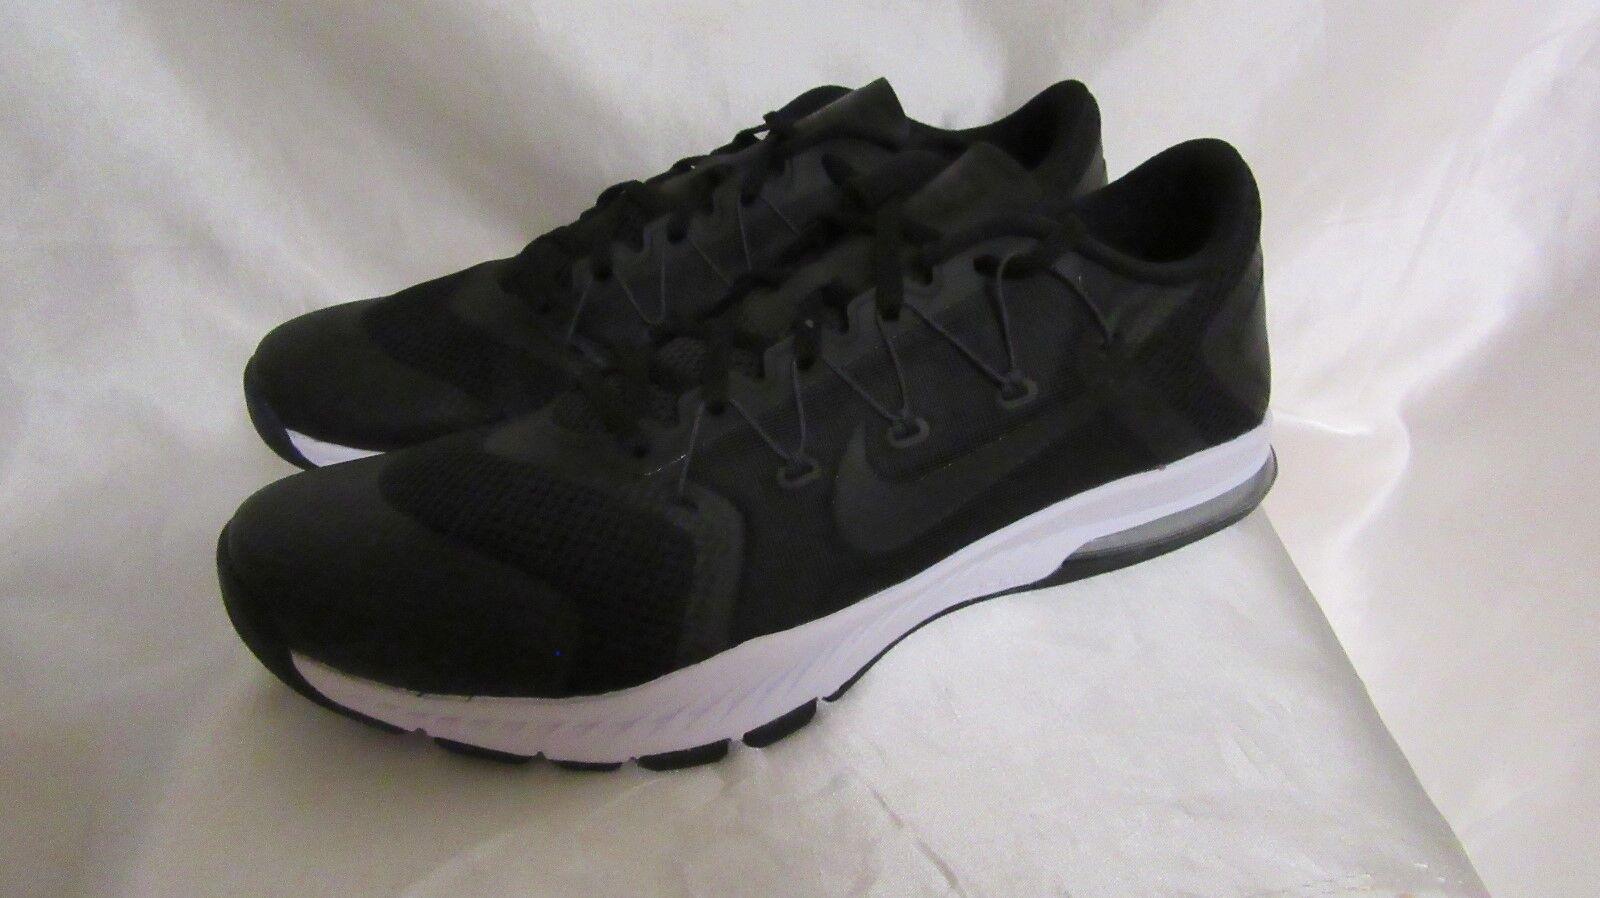 les hommes est nike zoom train complet baskets des baskets complet taille noire athlétiques. 04444f